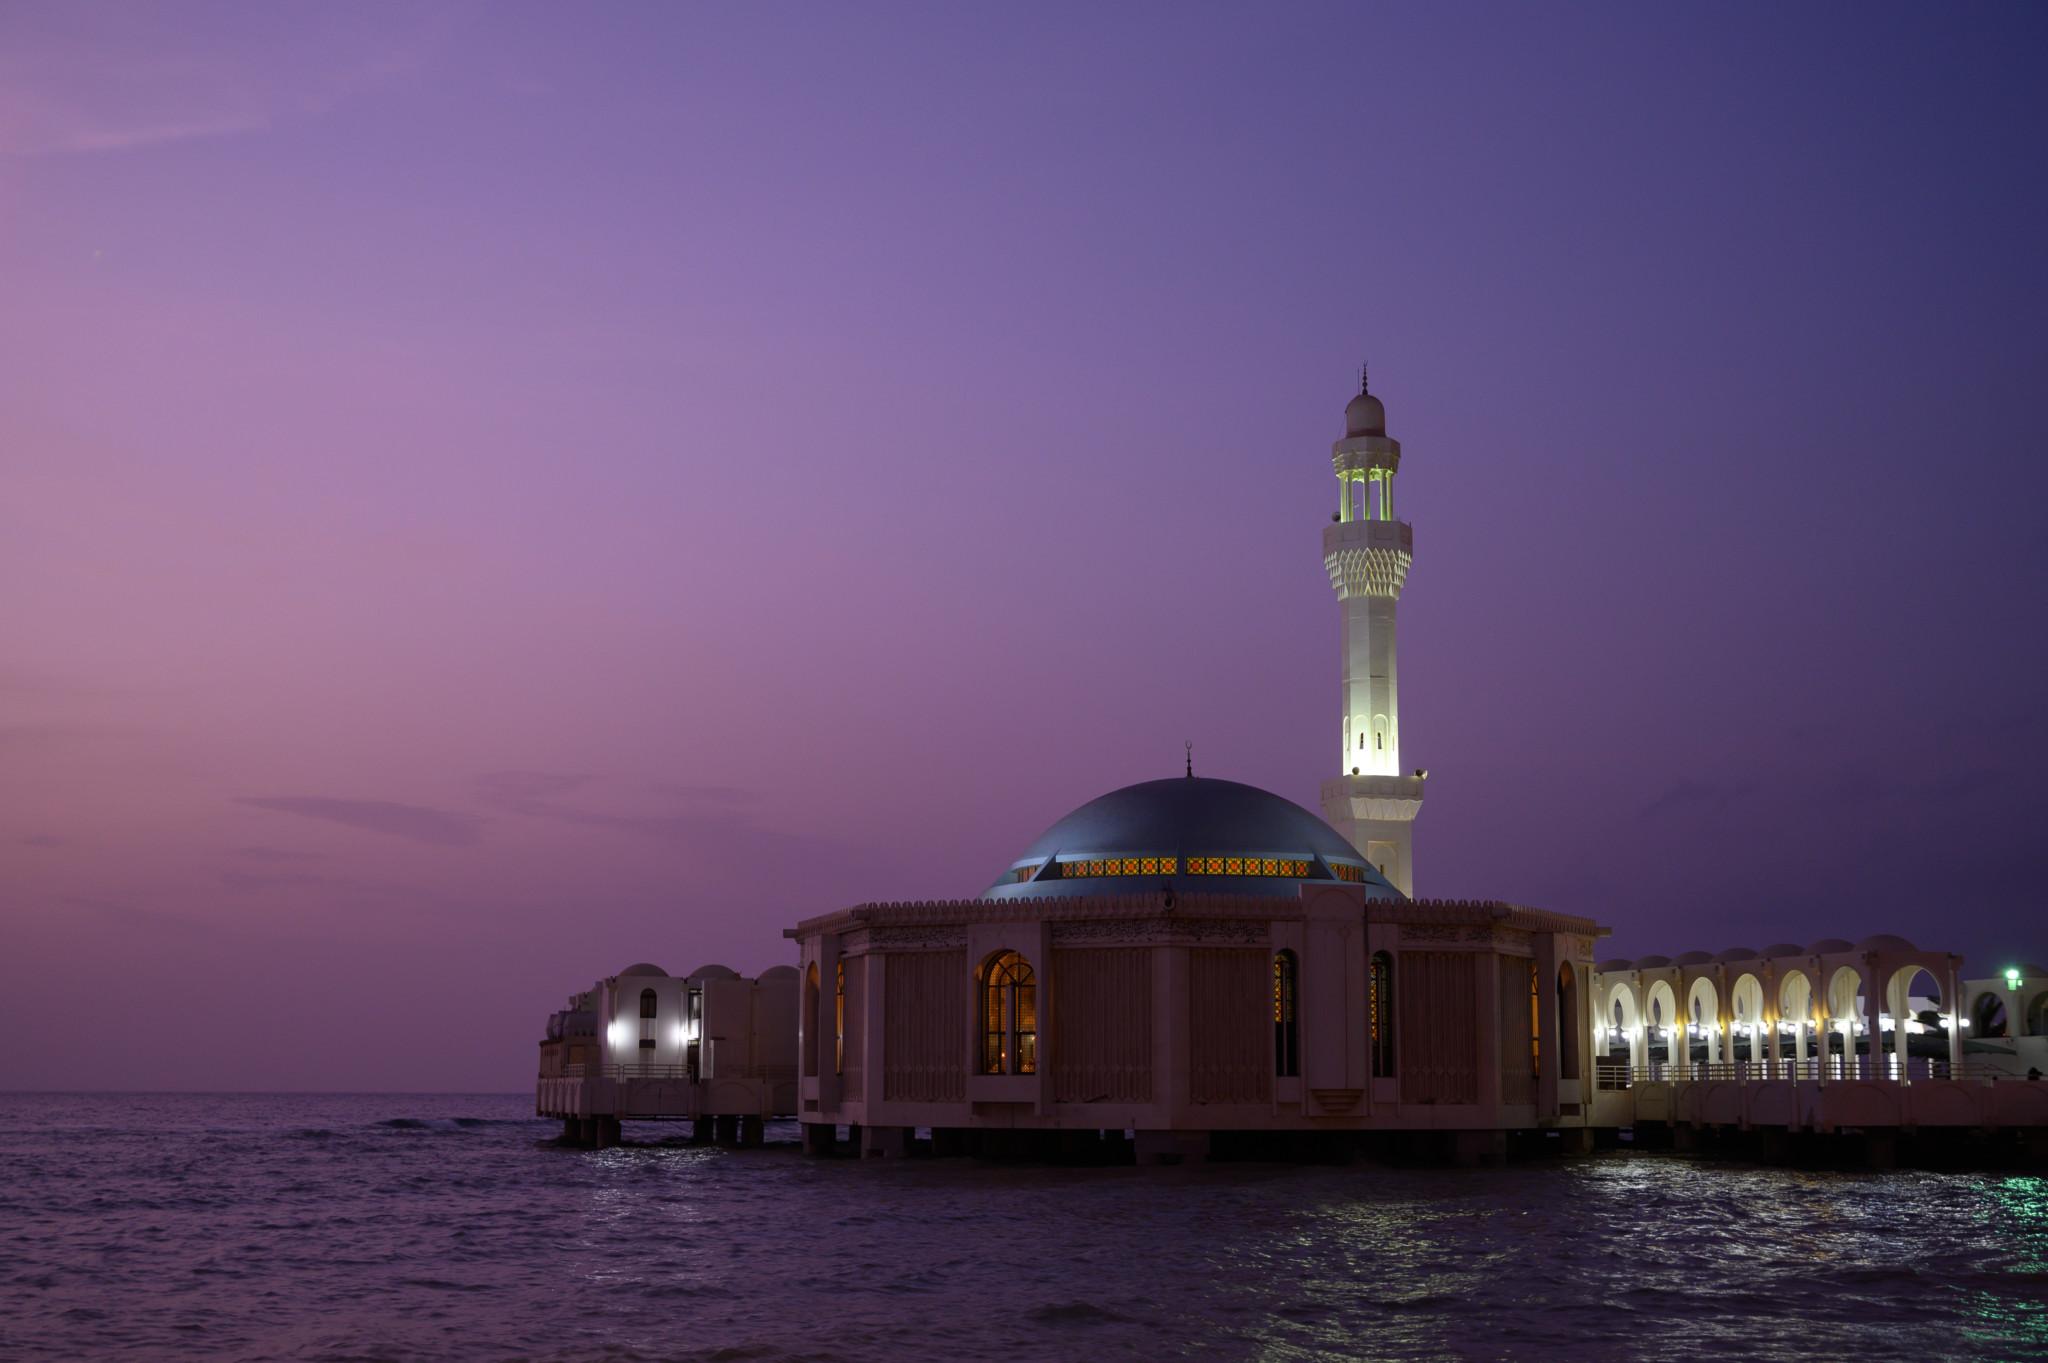 Die Floating Mosque in Jeddah ist eine der wichtigsten Sehenswürdigkeiten der Stadt